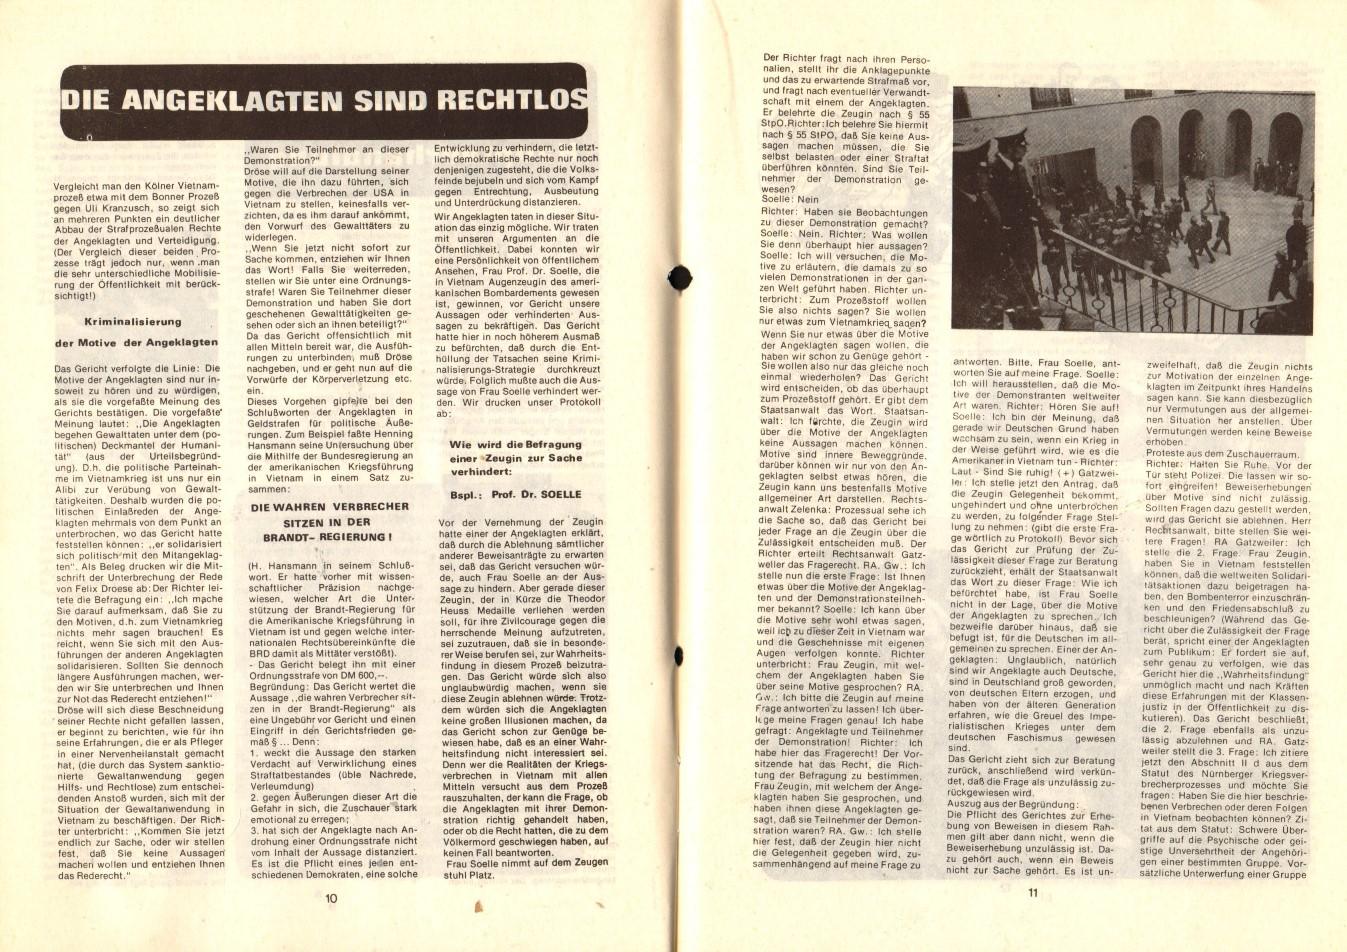 Koeln_RHeV_1975_Der_Koelner_Vietnamprozess_08